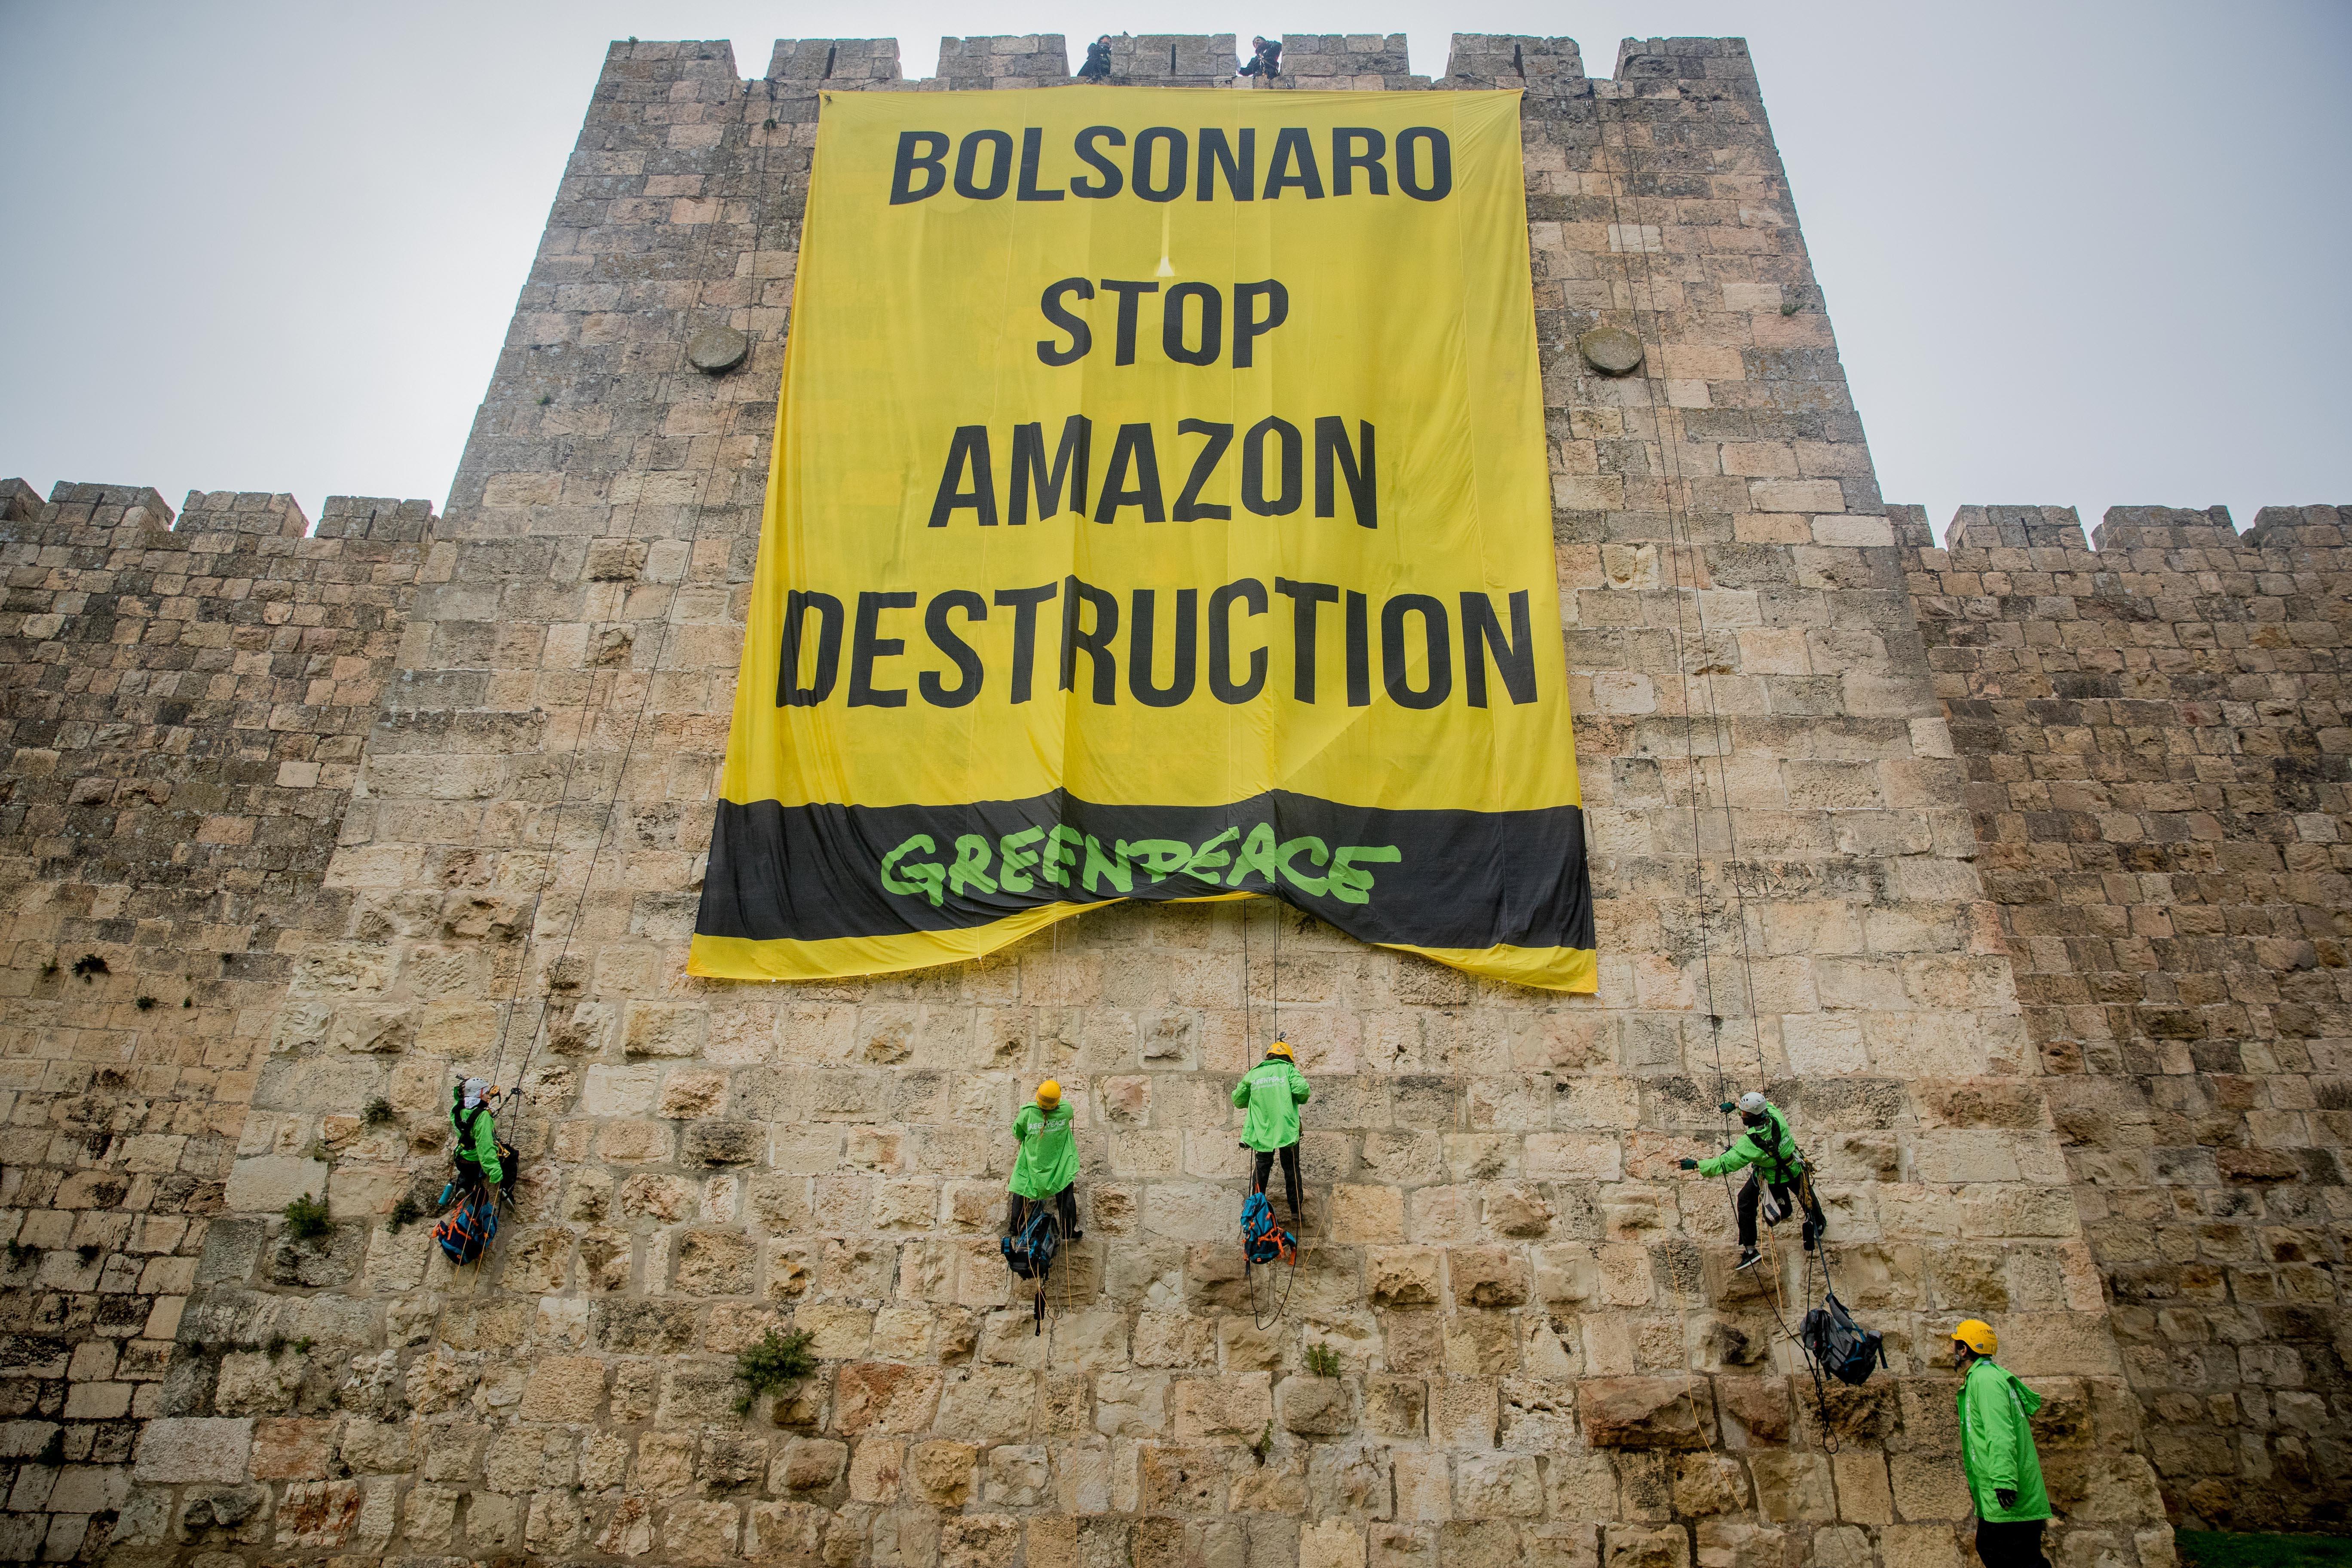 """""""בולסונרו, תעצור את הרס האמזונס"""": מחאה של פעילי גרינפיס בירושלים בזמן ביקורו של נשיא ברזיל ז'איר בולסונרו בישראל, באפריל 2019 (צילום: יונתן סינדל/פלאש90)"""